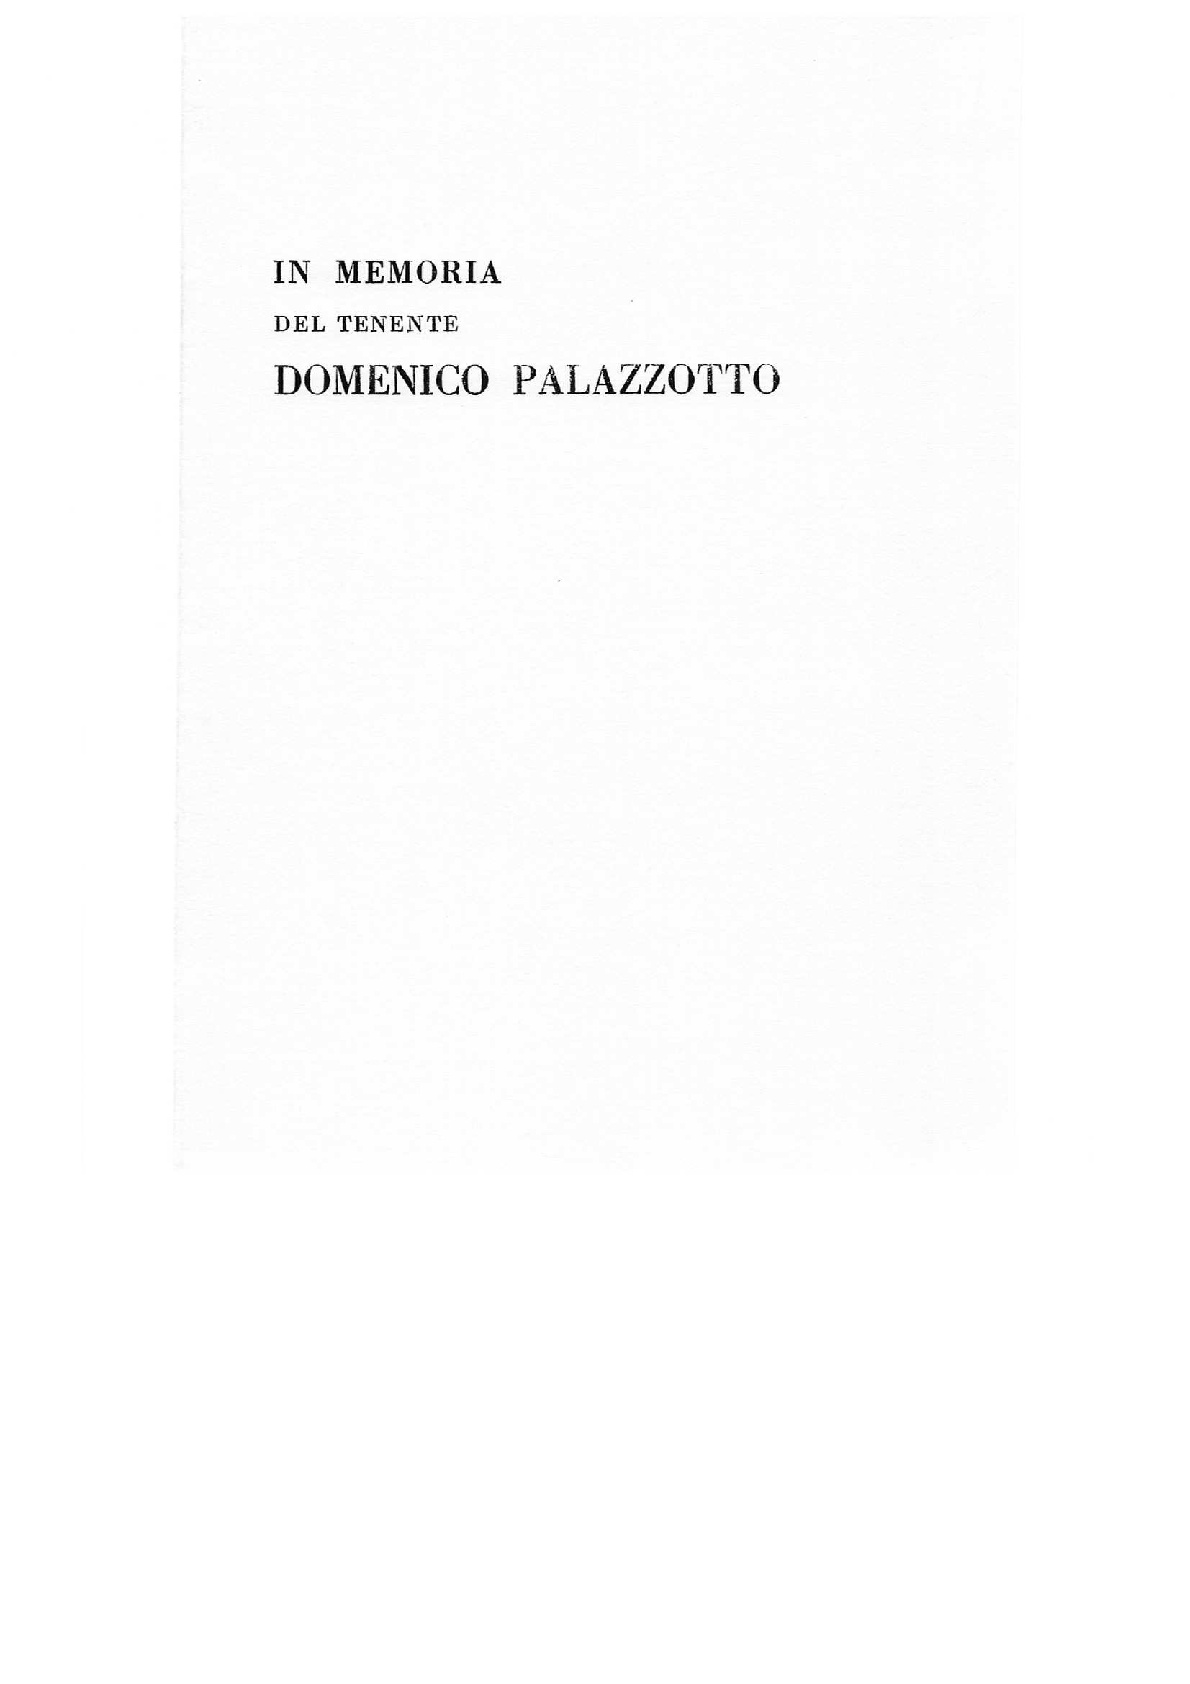 I Memoria del tenente Domenico Palazzotto